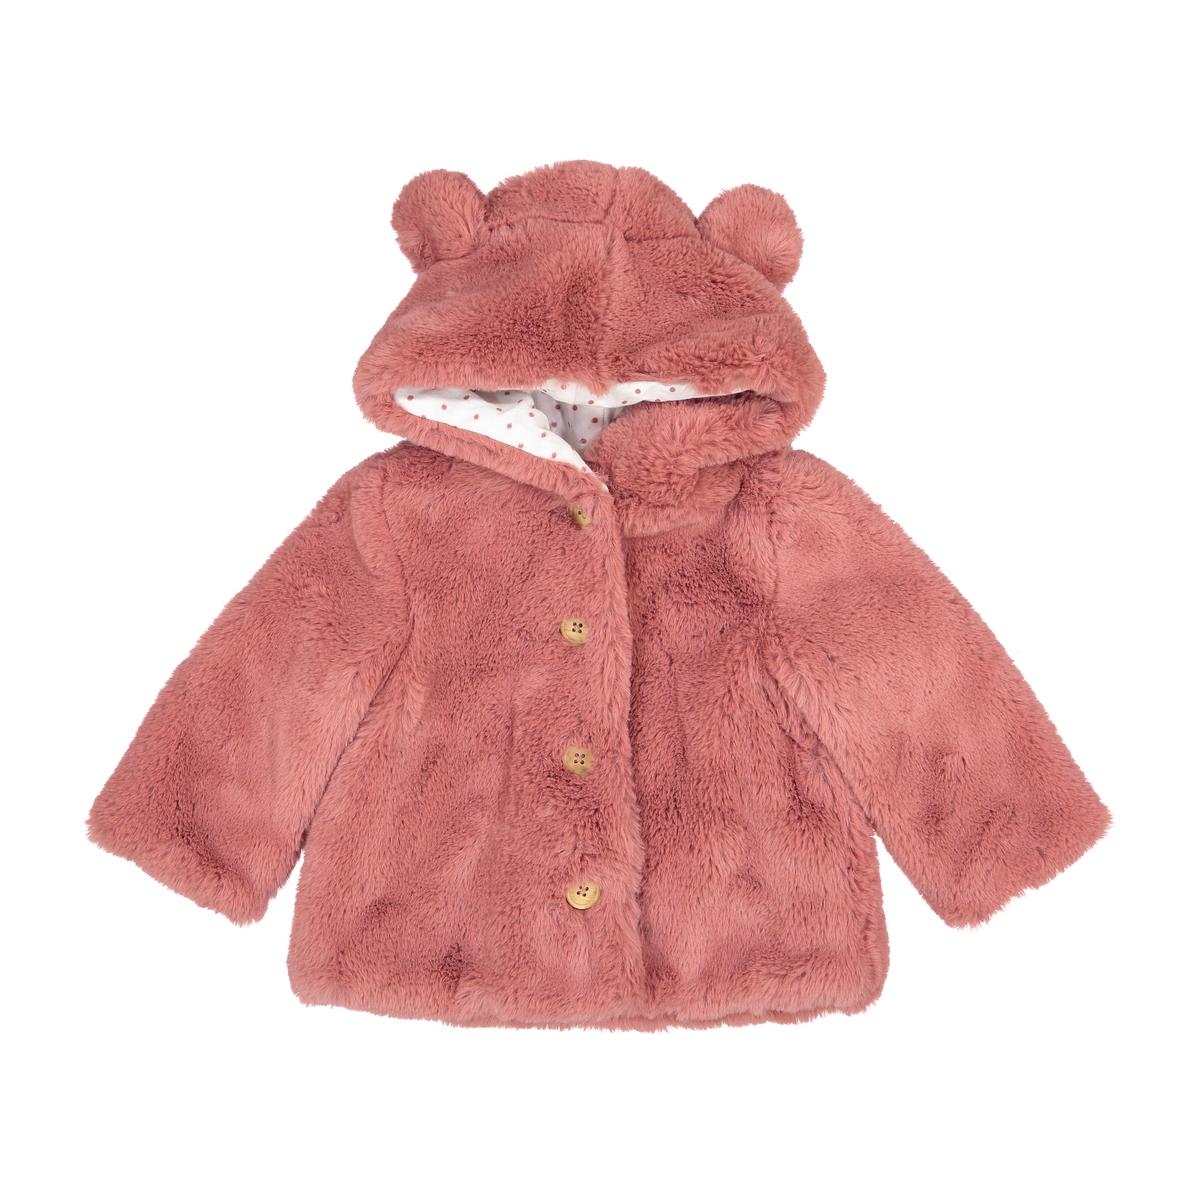 Пальто из искусственного меха с капюшоном, 3 мес. -3 года жакет из велюра на подкладке из искусственного меха